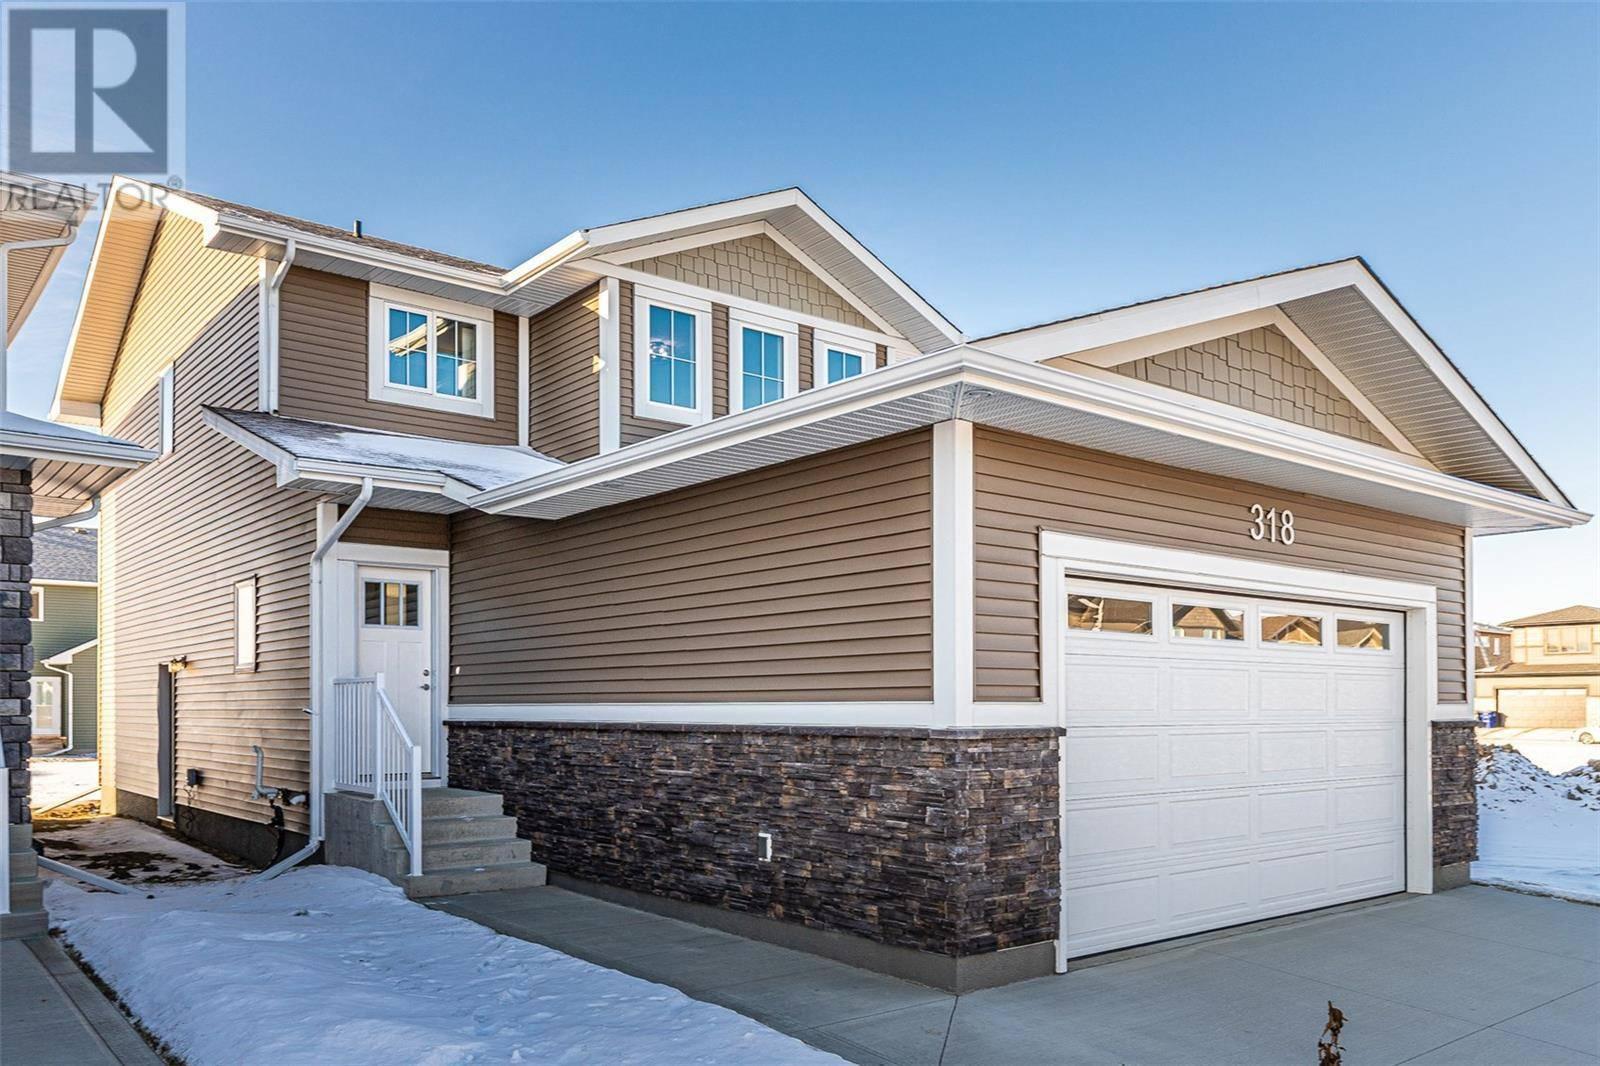 House for sale at 318 Germain Mnr  Saskatoon Saskatchewan - MLS: SK797029